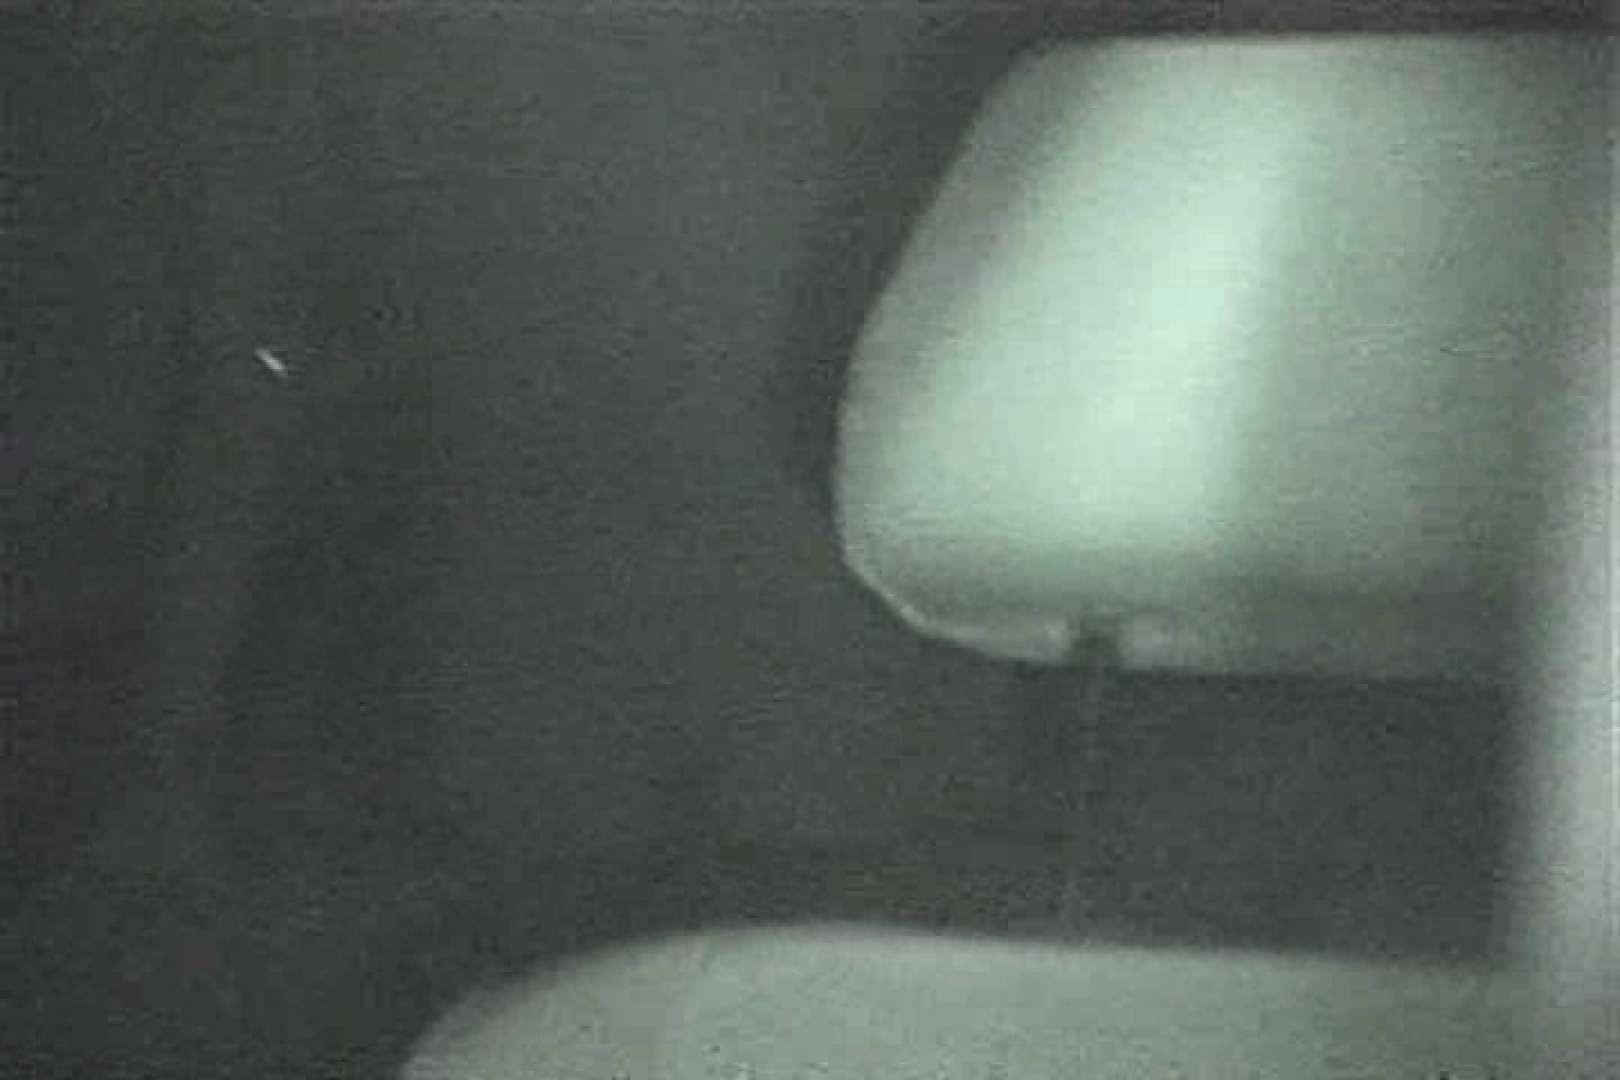 MASAさんの待ち伏せ撮り! 赤外線カーセックスVol.11 エロティックなOL すけべAV動画紹介 87画像 29